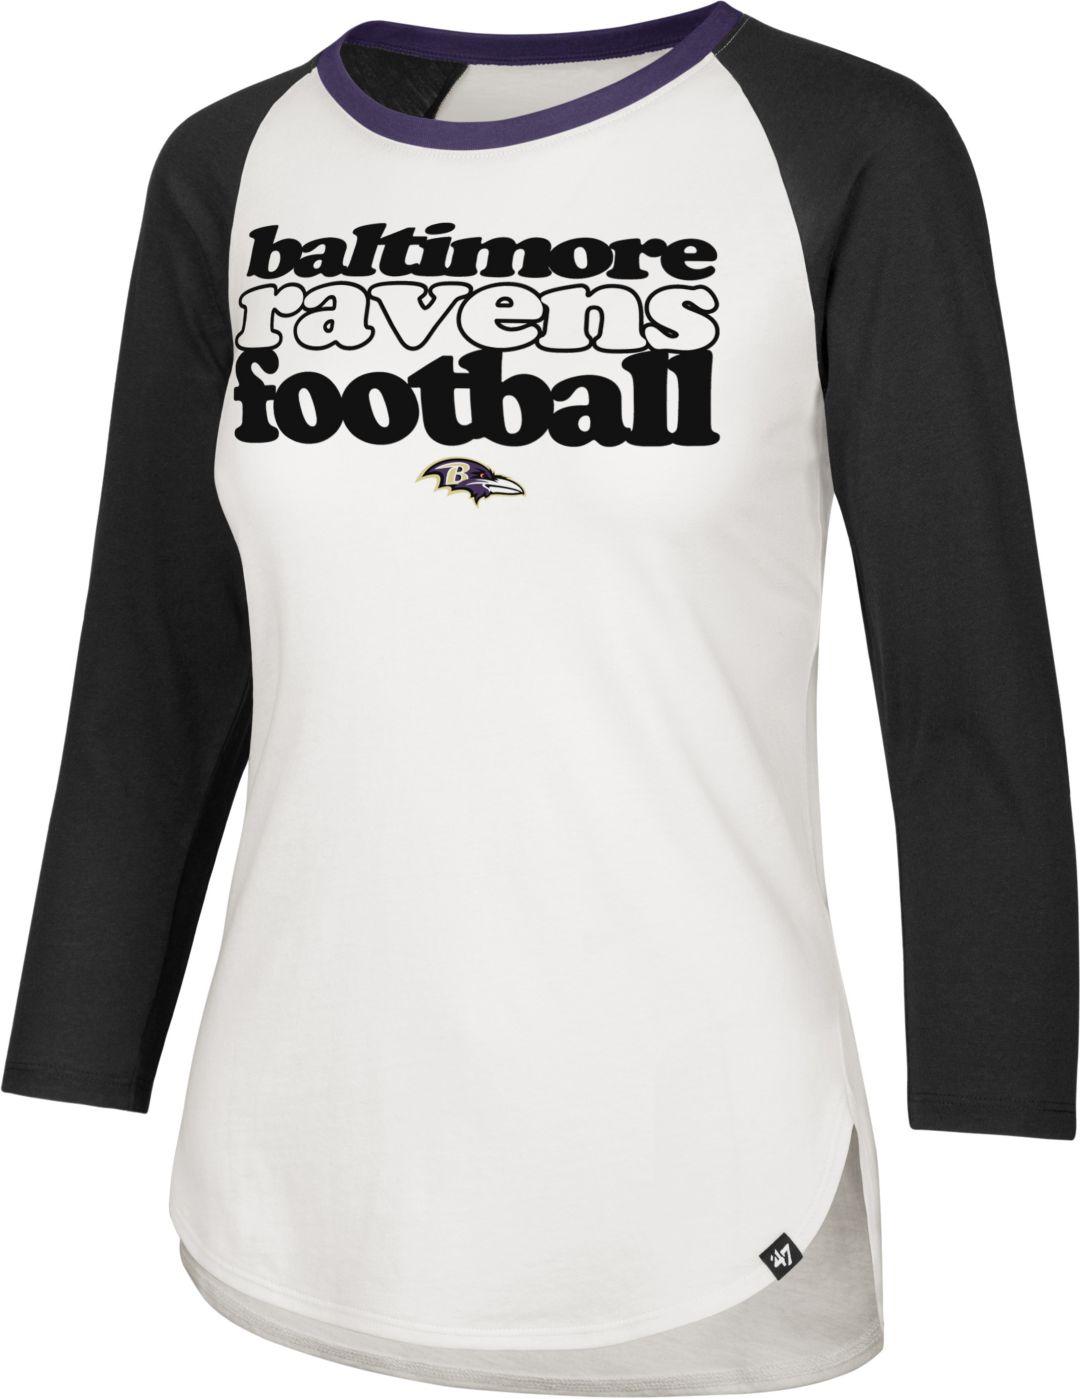 8c56ffdb '47 Women's Baltimore Ravens Retro Stock Throwback Raglan Shirt